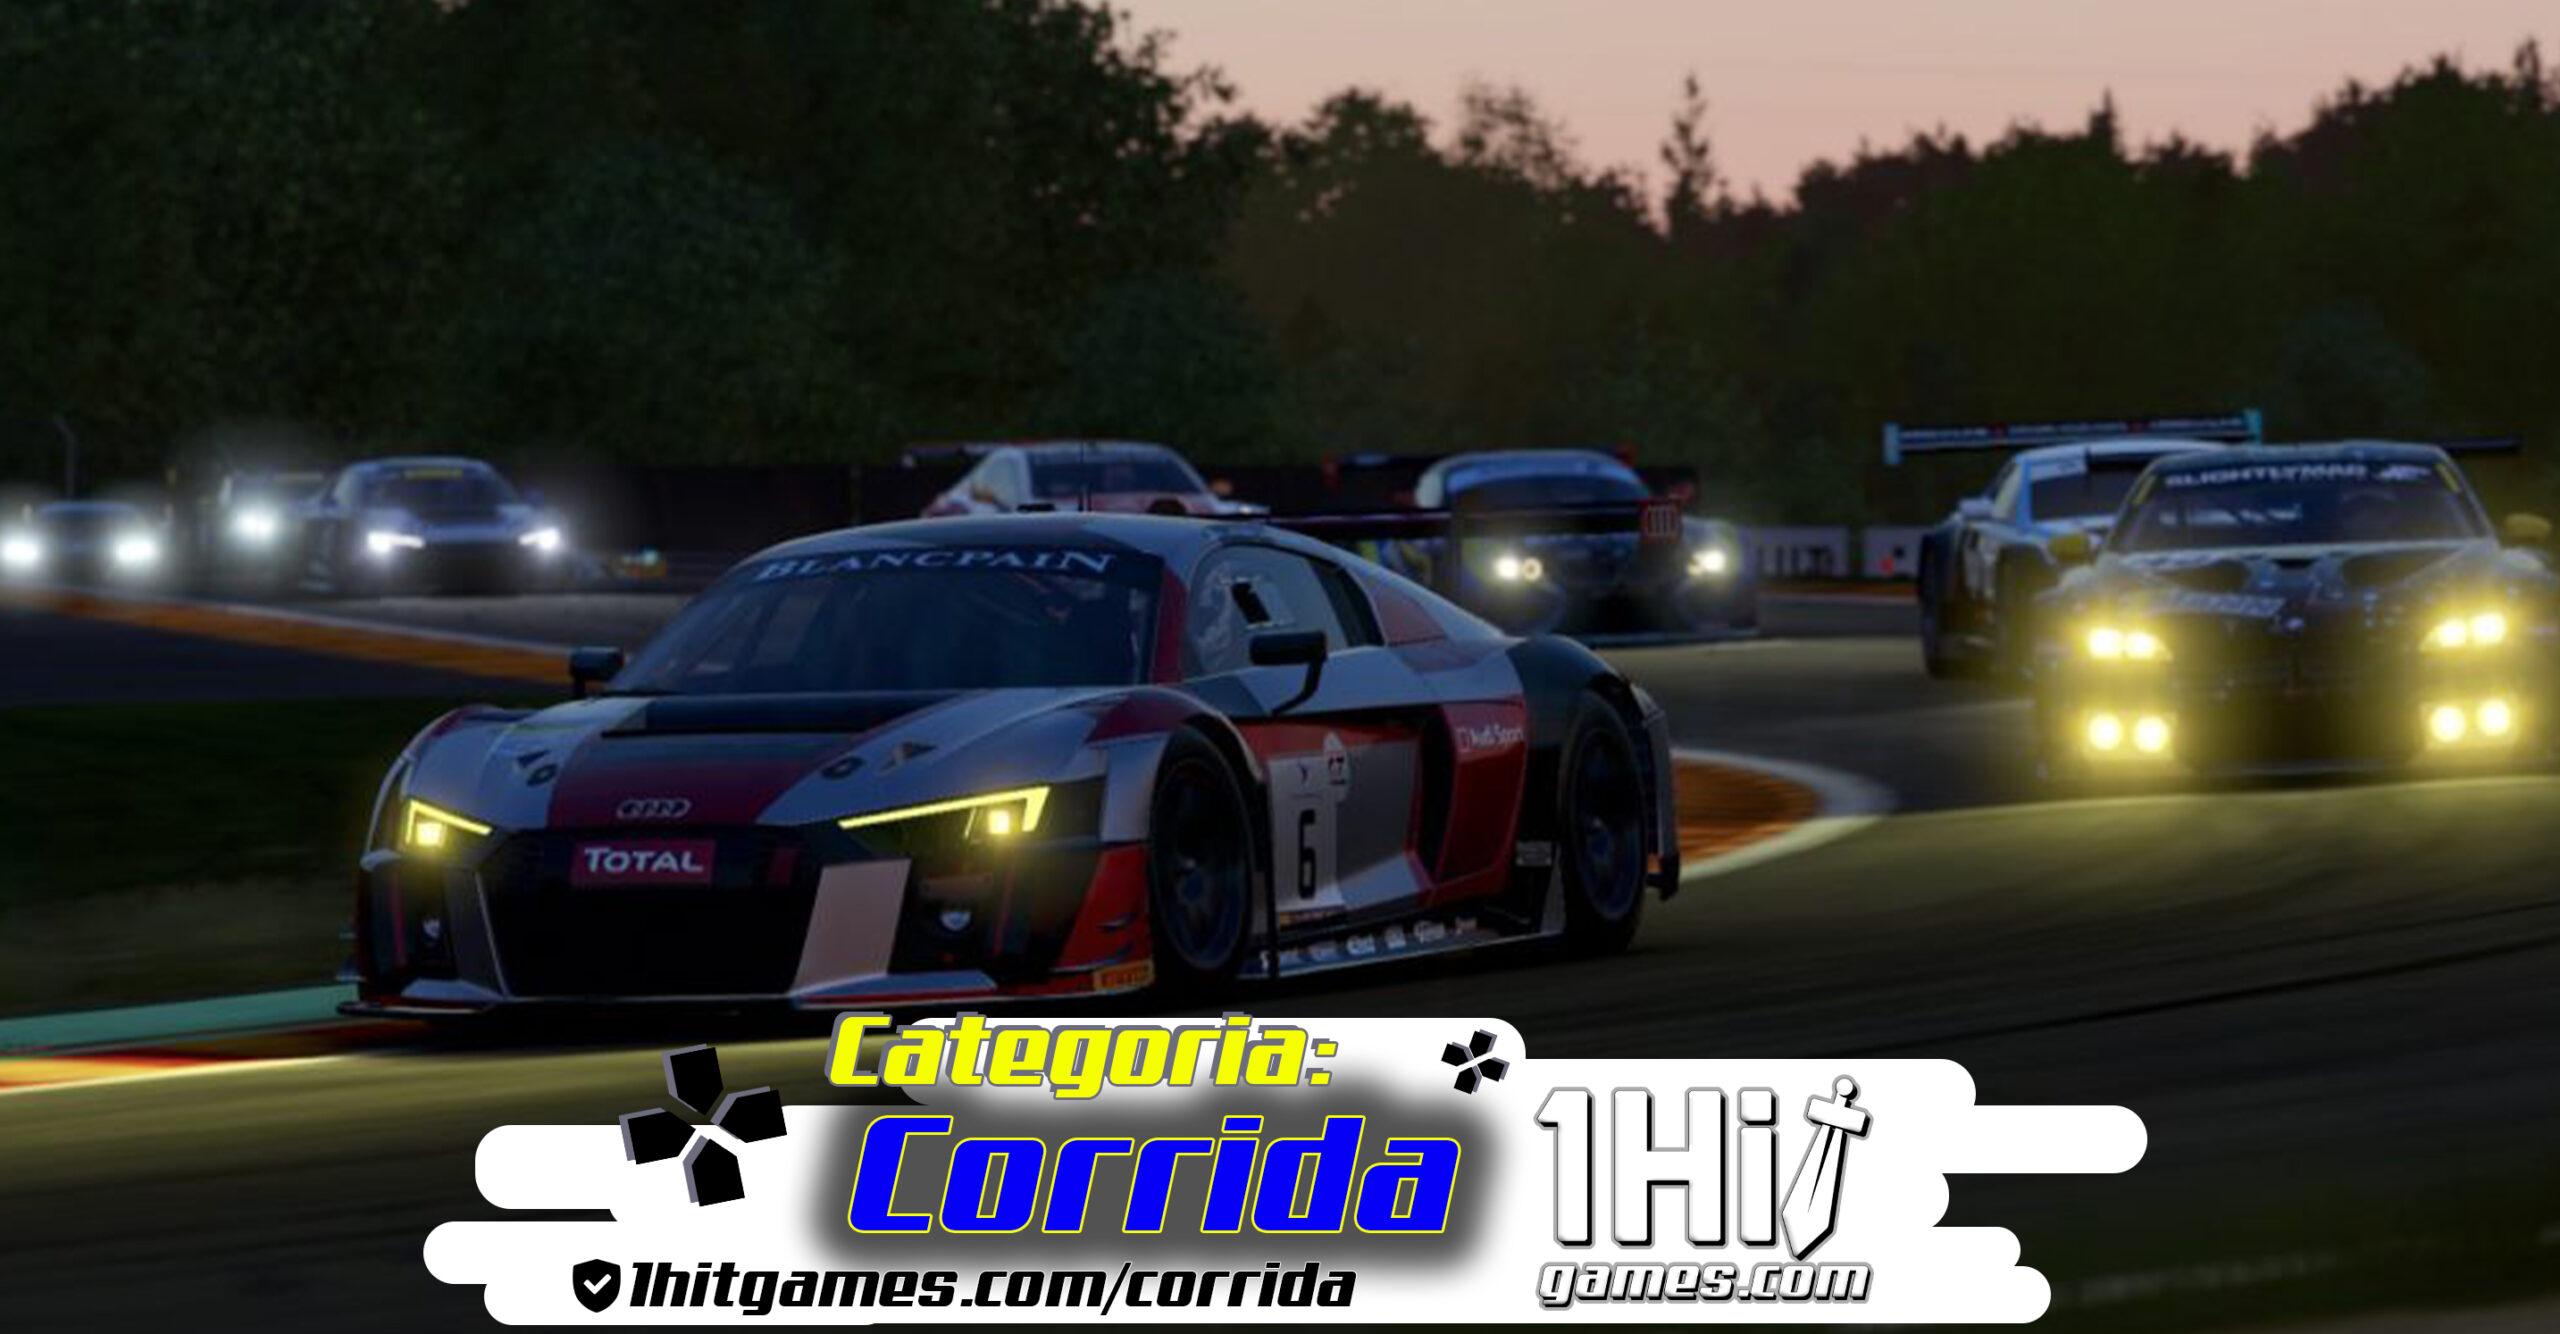 corrida Project CARS 1hitgames carros velocidade correr acelerar motos competição gaming esports f1 speed kart